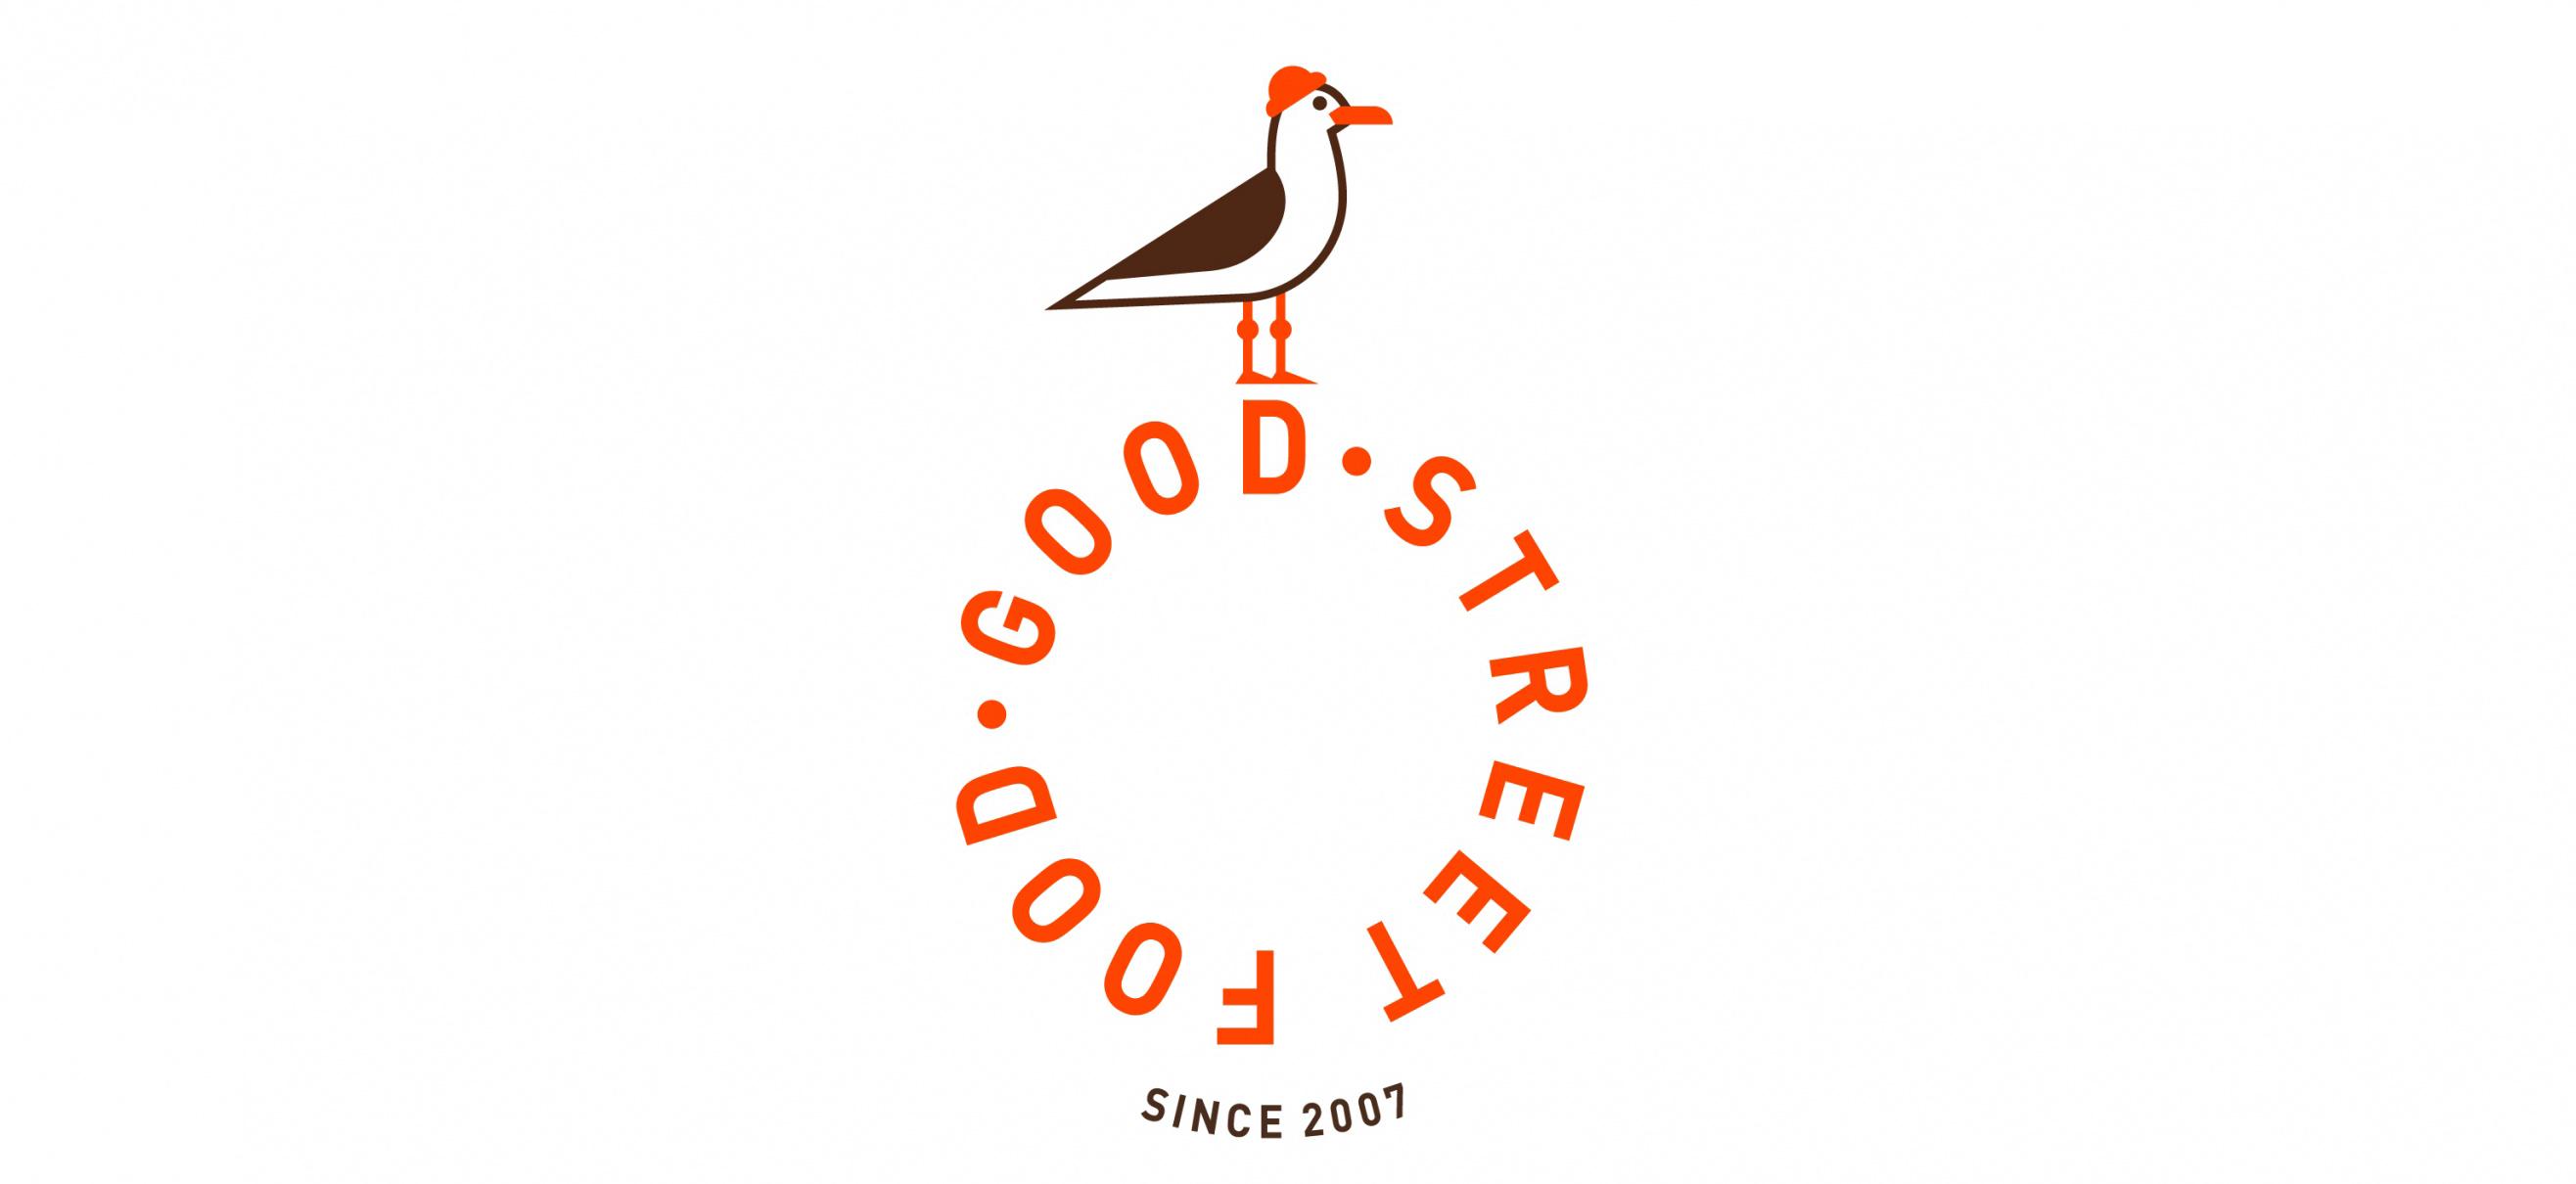 Работа в компании «GOOD STREET FOOD» в Барнаула